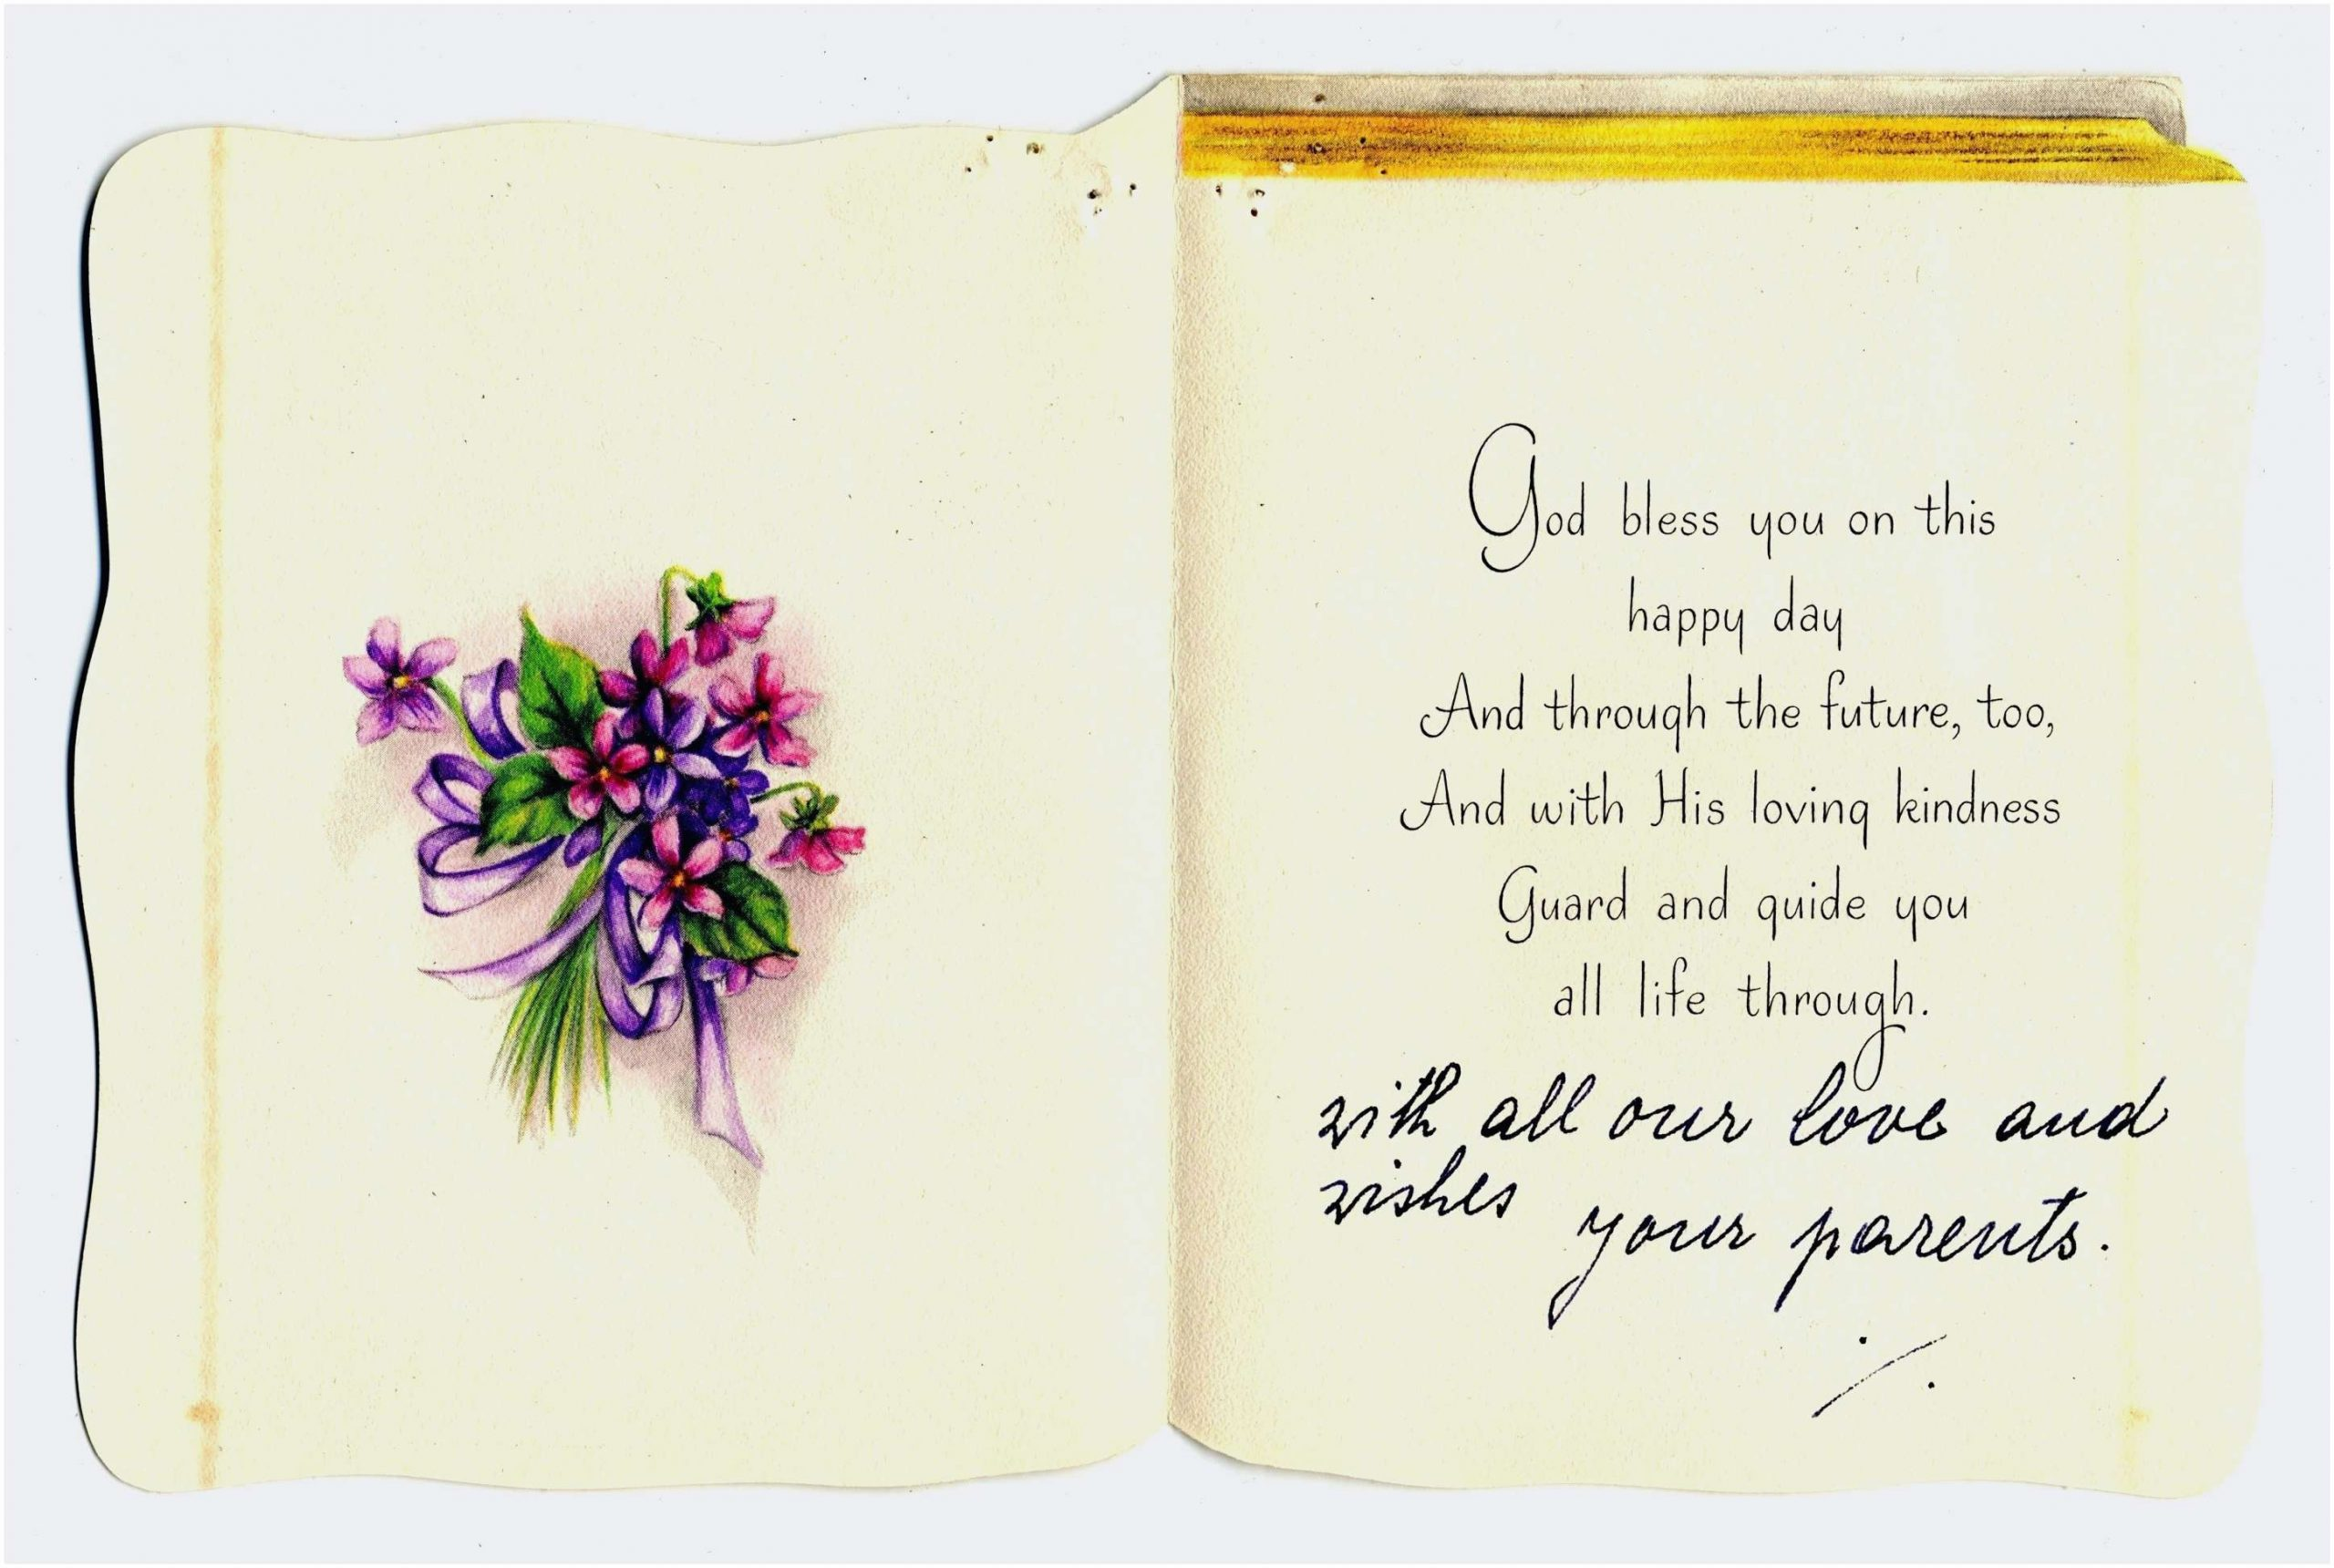 Texte Pour Carte Invitation Anniversaire 20 Ans - Existeo.fr avec Texte Invitation Anniversaire 20 Ans Original